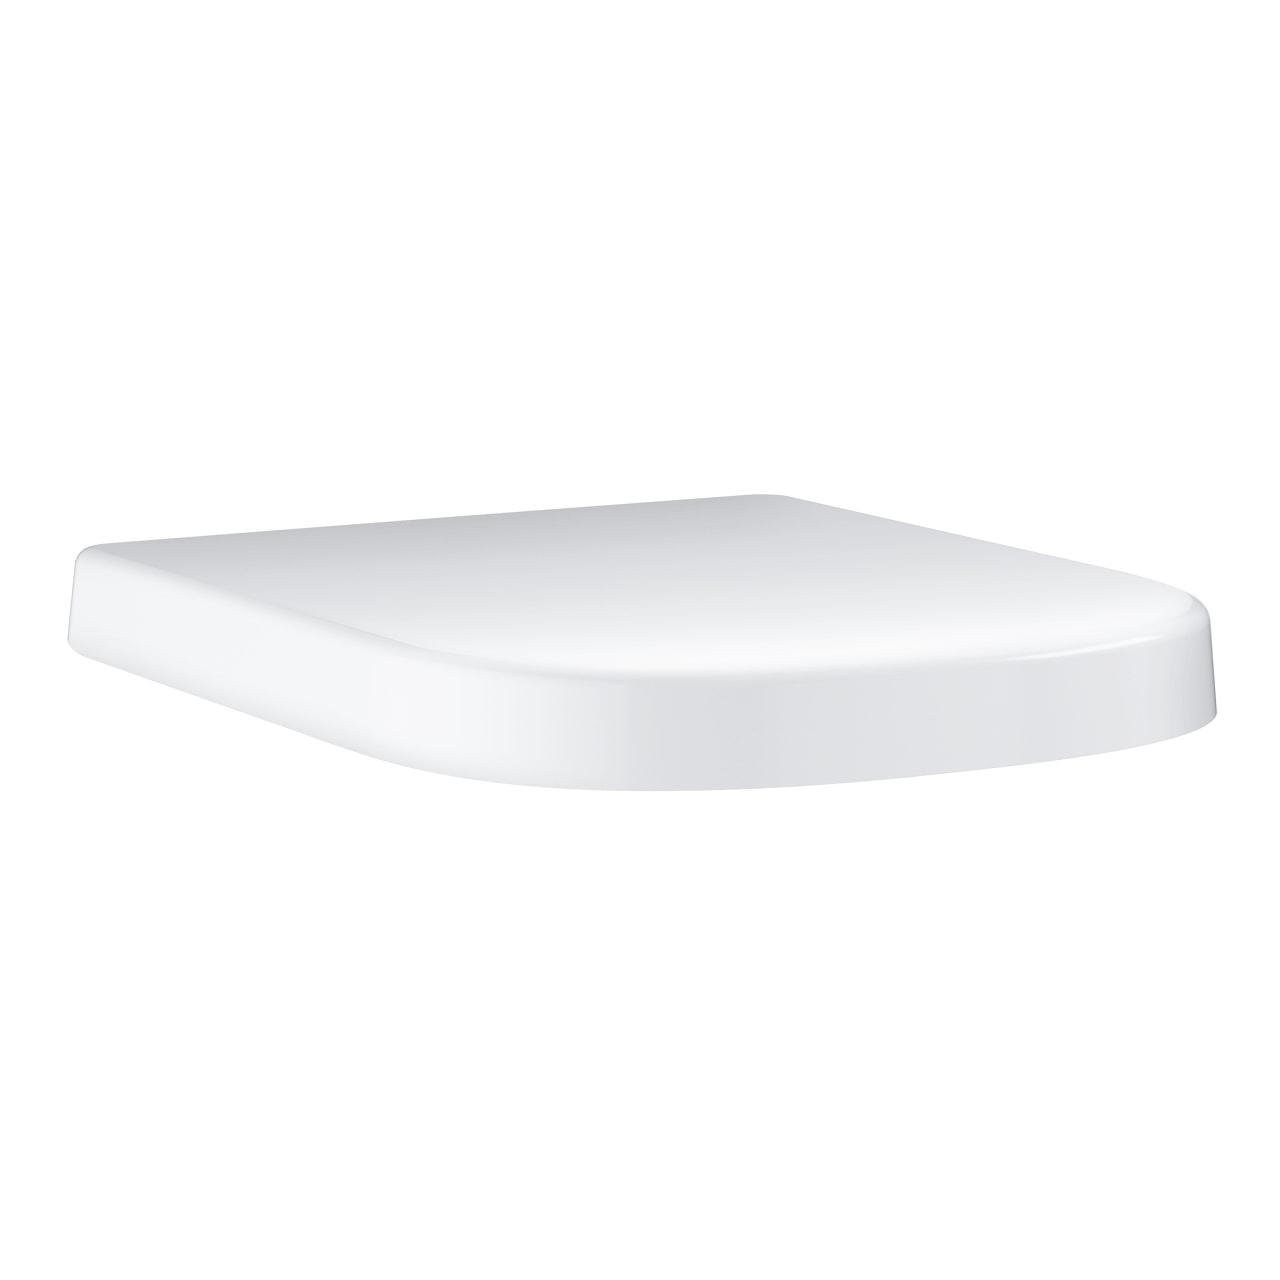 Deska Wc Grohe Euro Ceramic wonloodpadająca biel alpejska 39330001